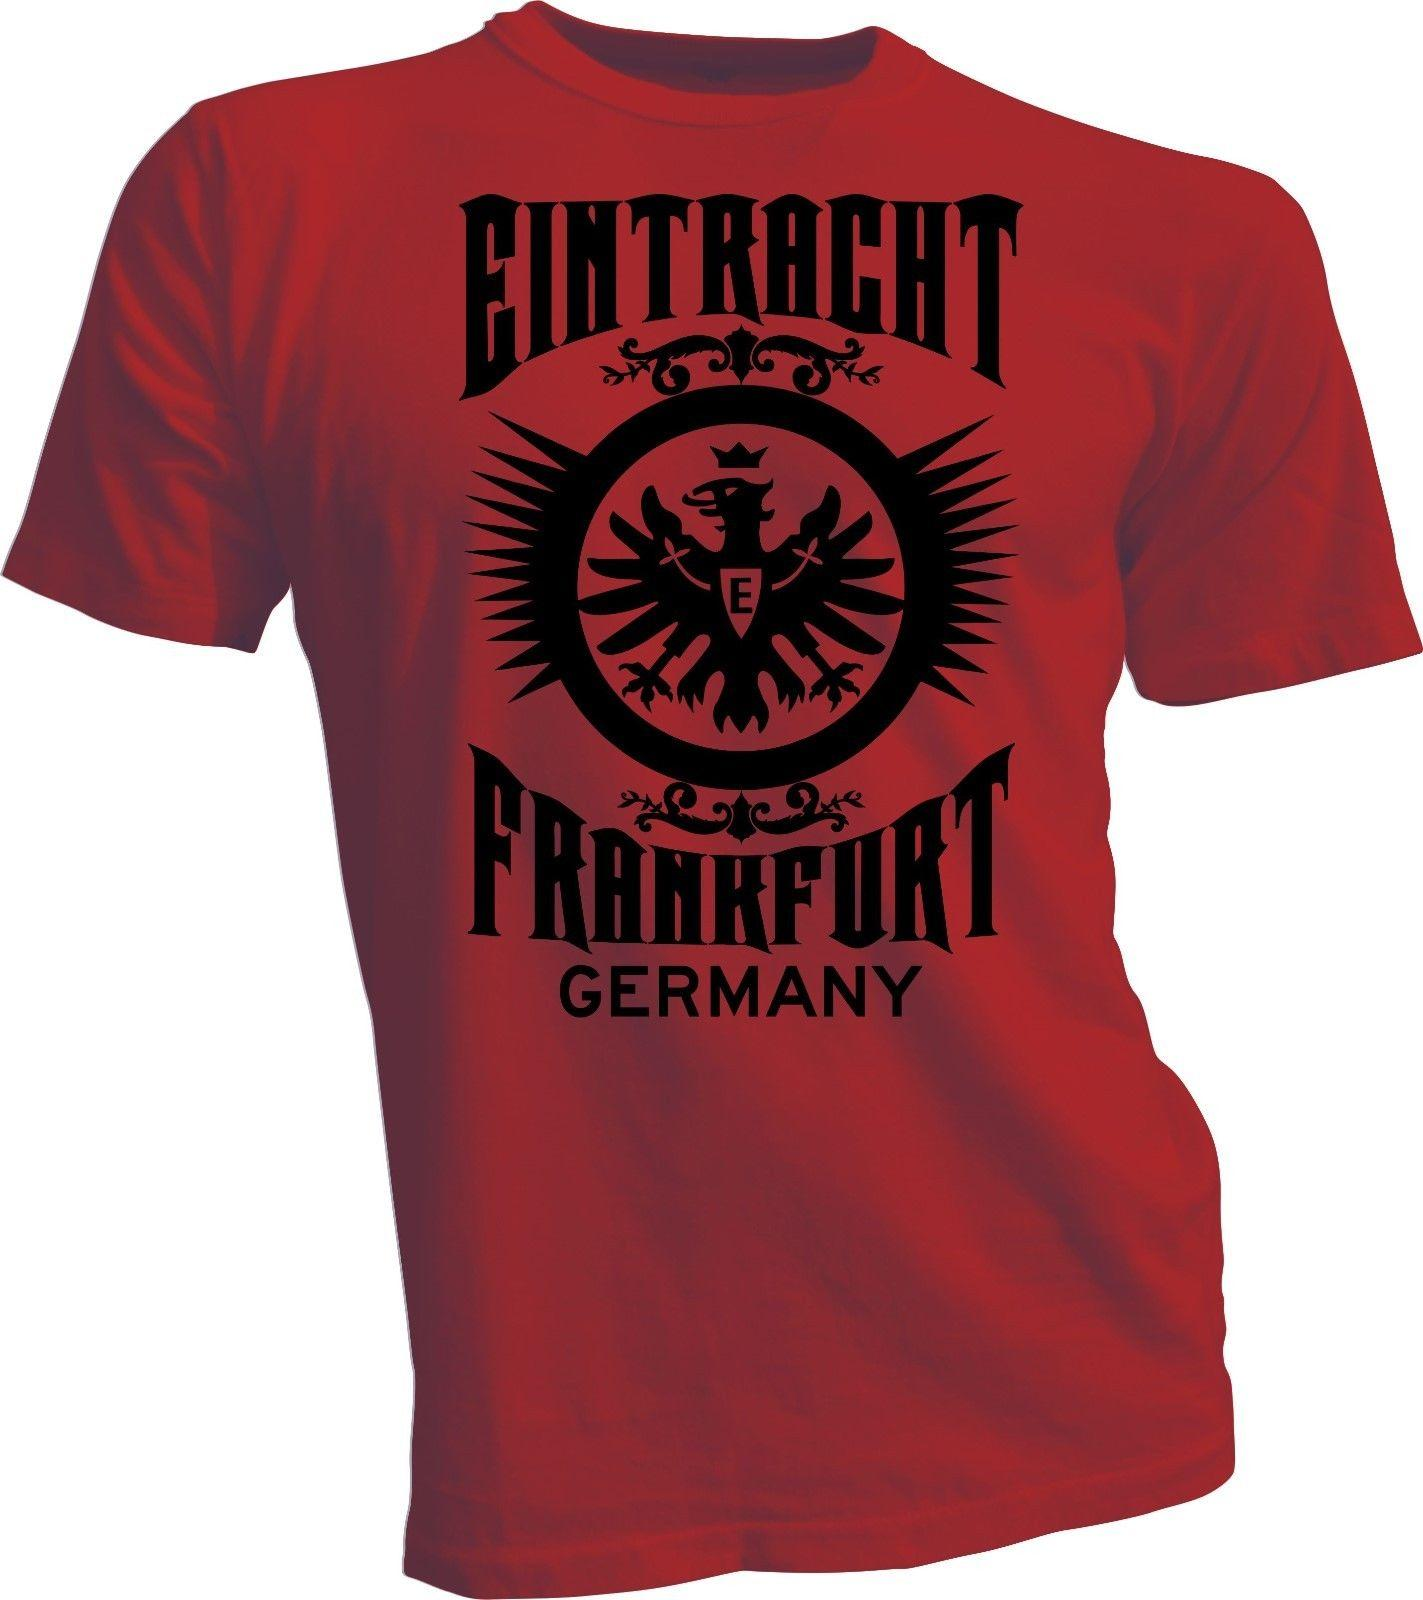 Großhandel Eintracht Frankfurt Deutschland Uefa Bundesliga Fußball